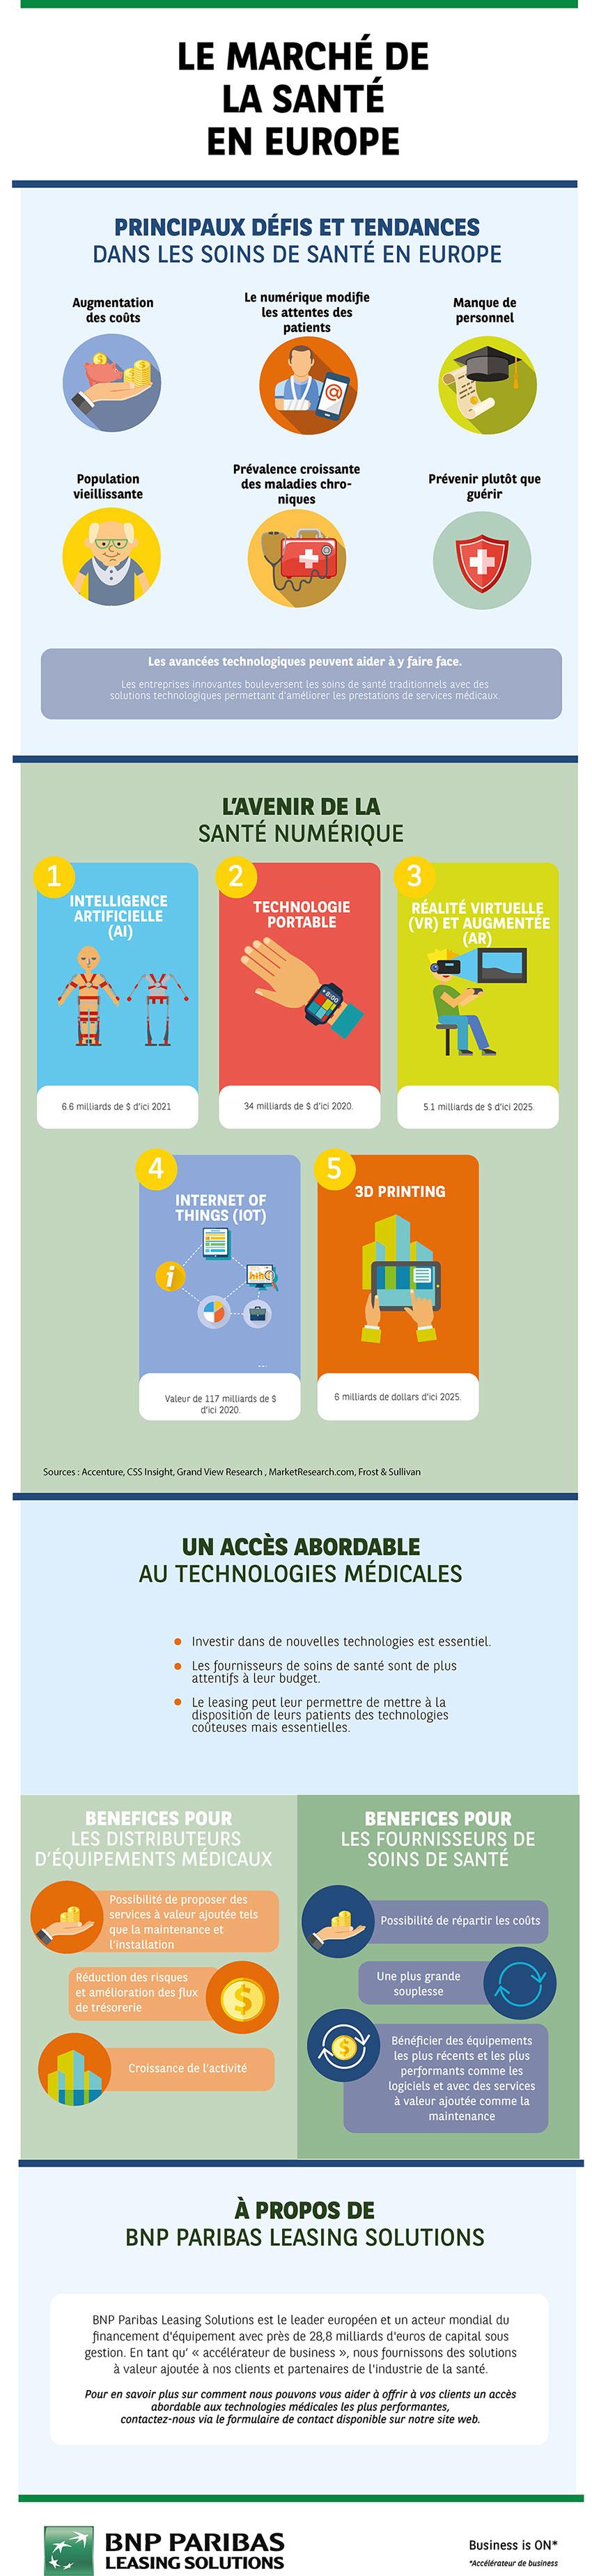 BNP-Paribas-Leasing-Solutions---Financement-du-secteur-de-la-santé---Infographie_2